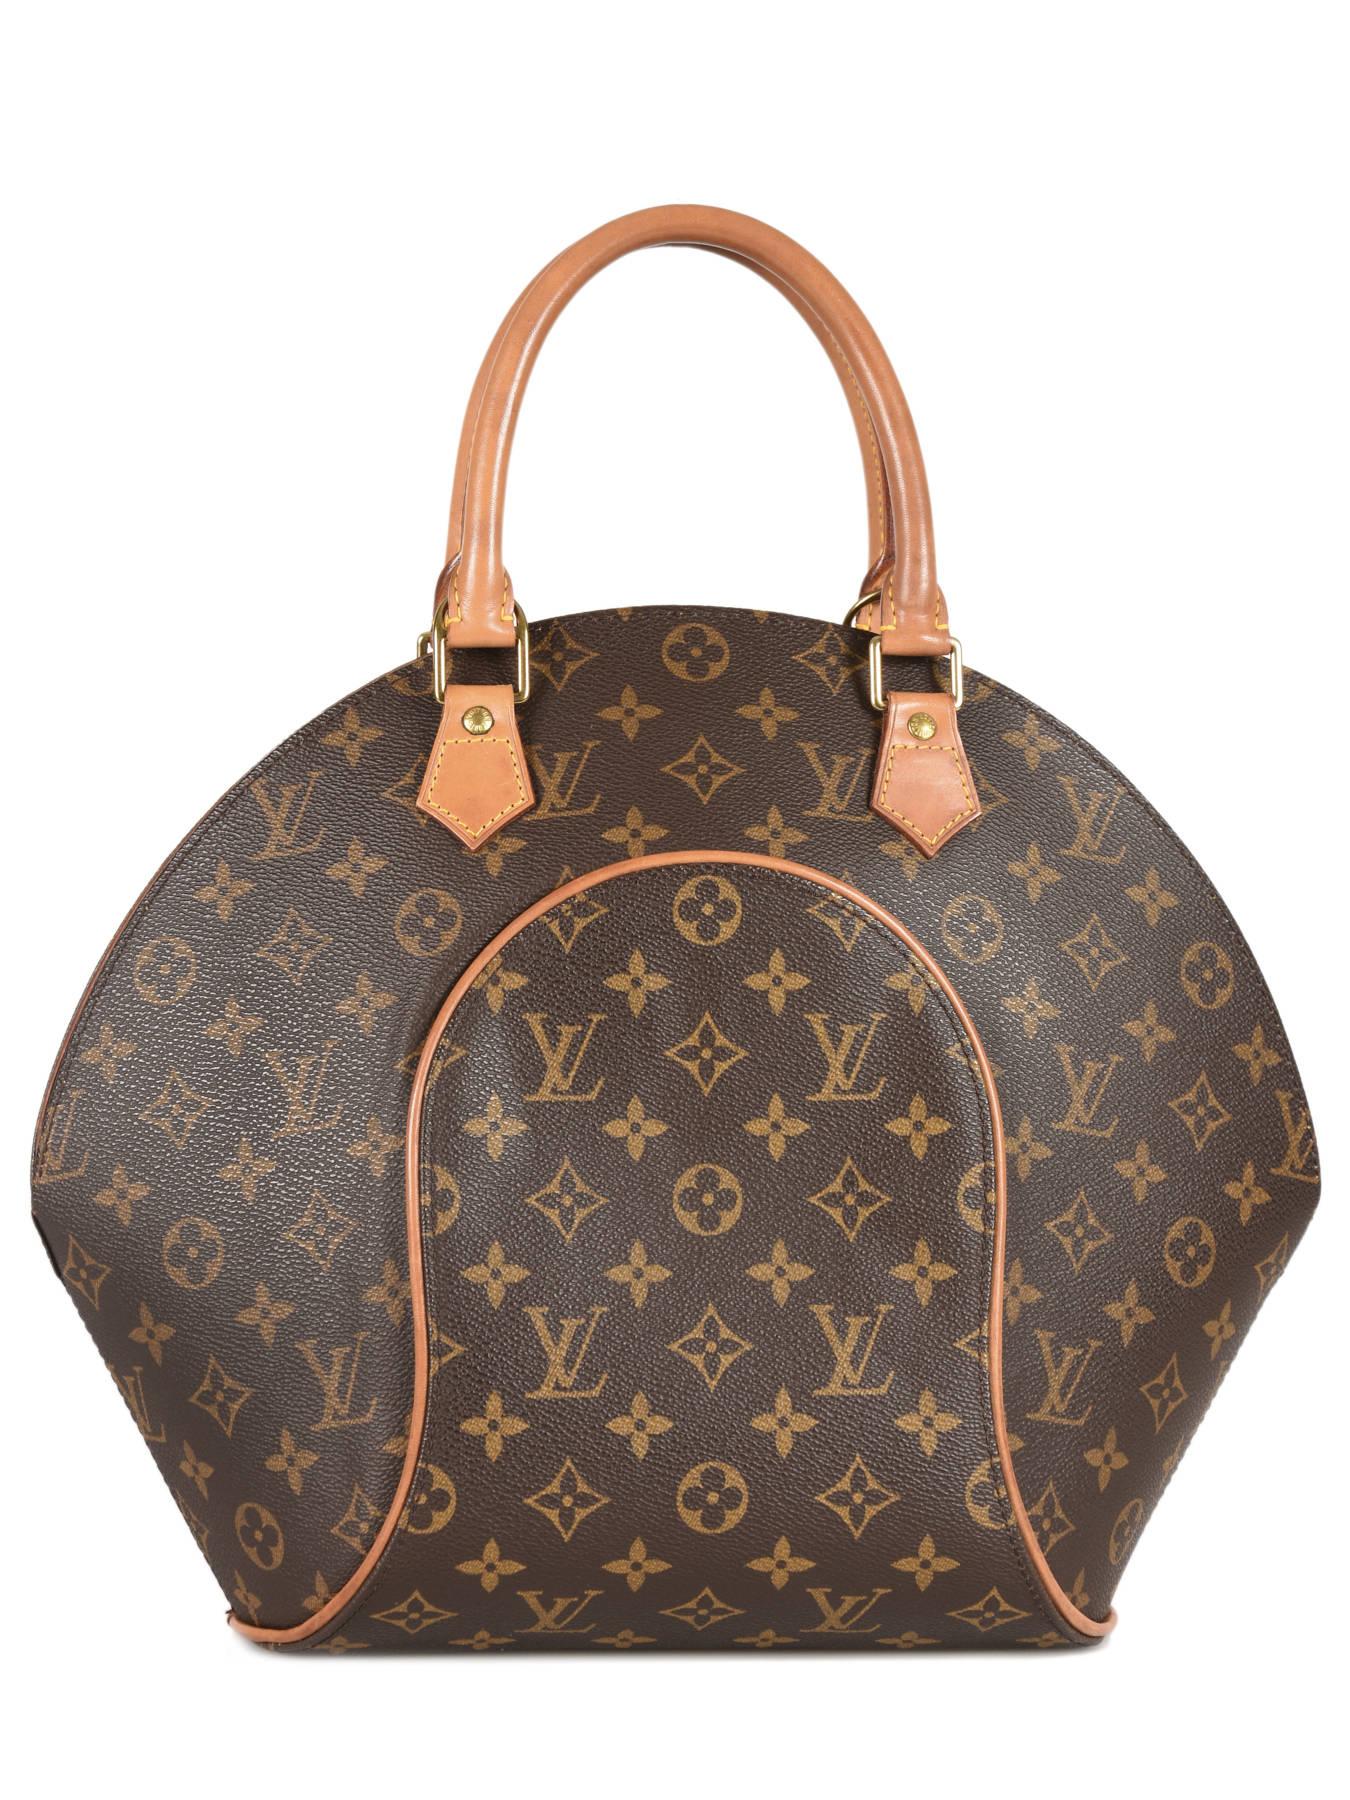 d24b6013bcc ... Preloved Louis Vuitton Handtas Ellipse Monogram Brand connection Bruin louis  vuitton 60 ander zicht 3 ...